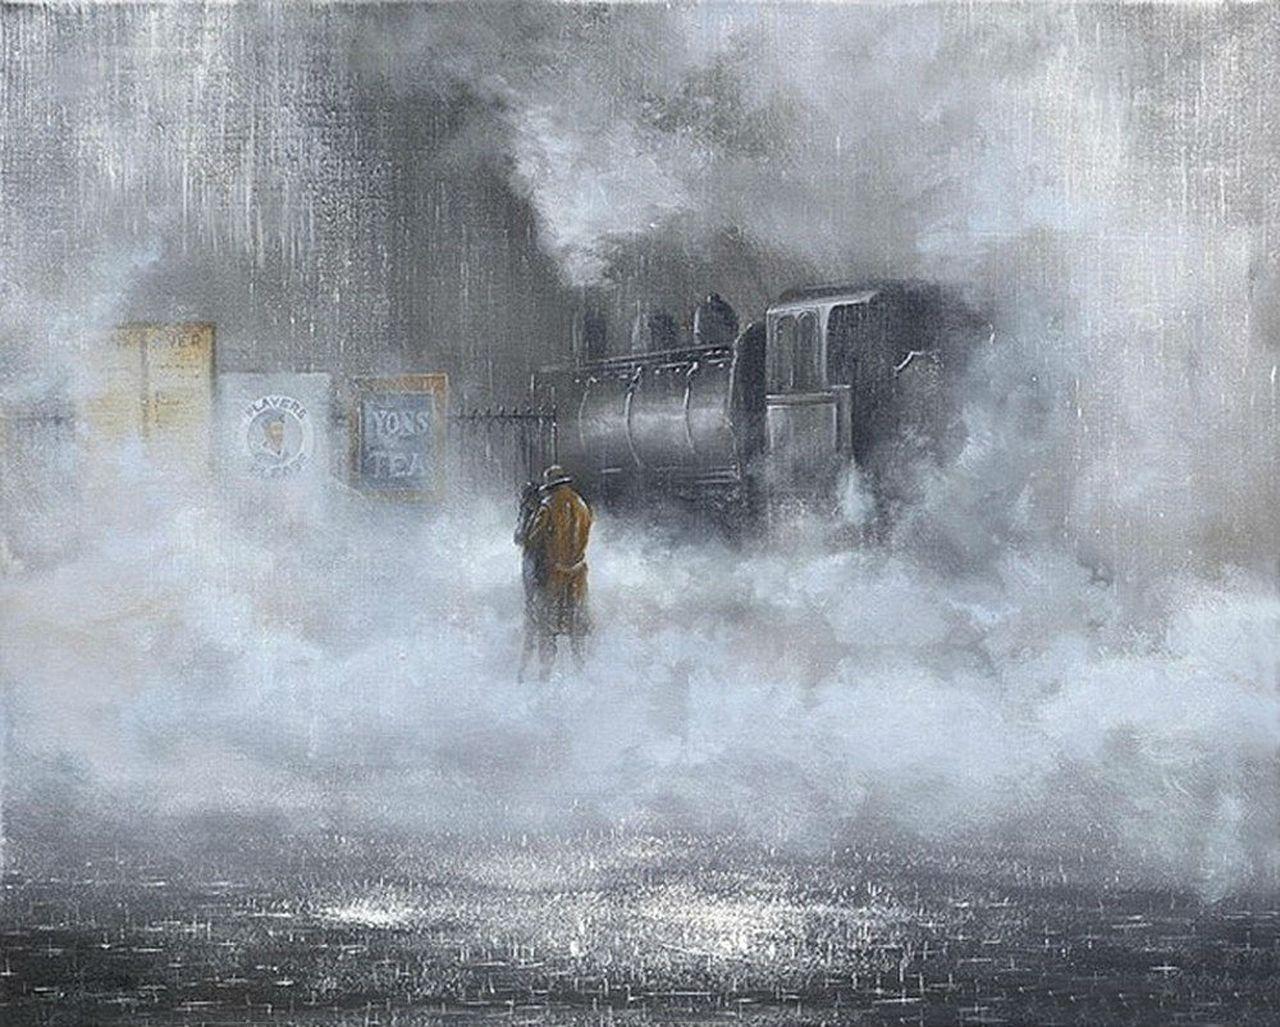 Красивые картинки про любовь   Картины, Художники, Дождь